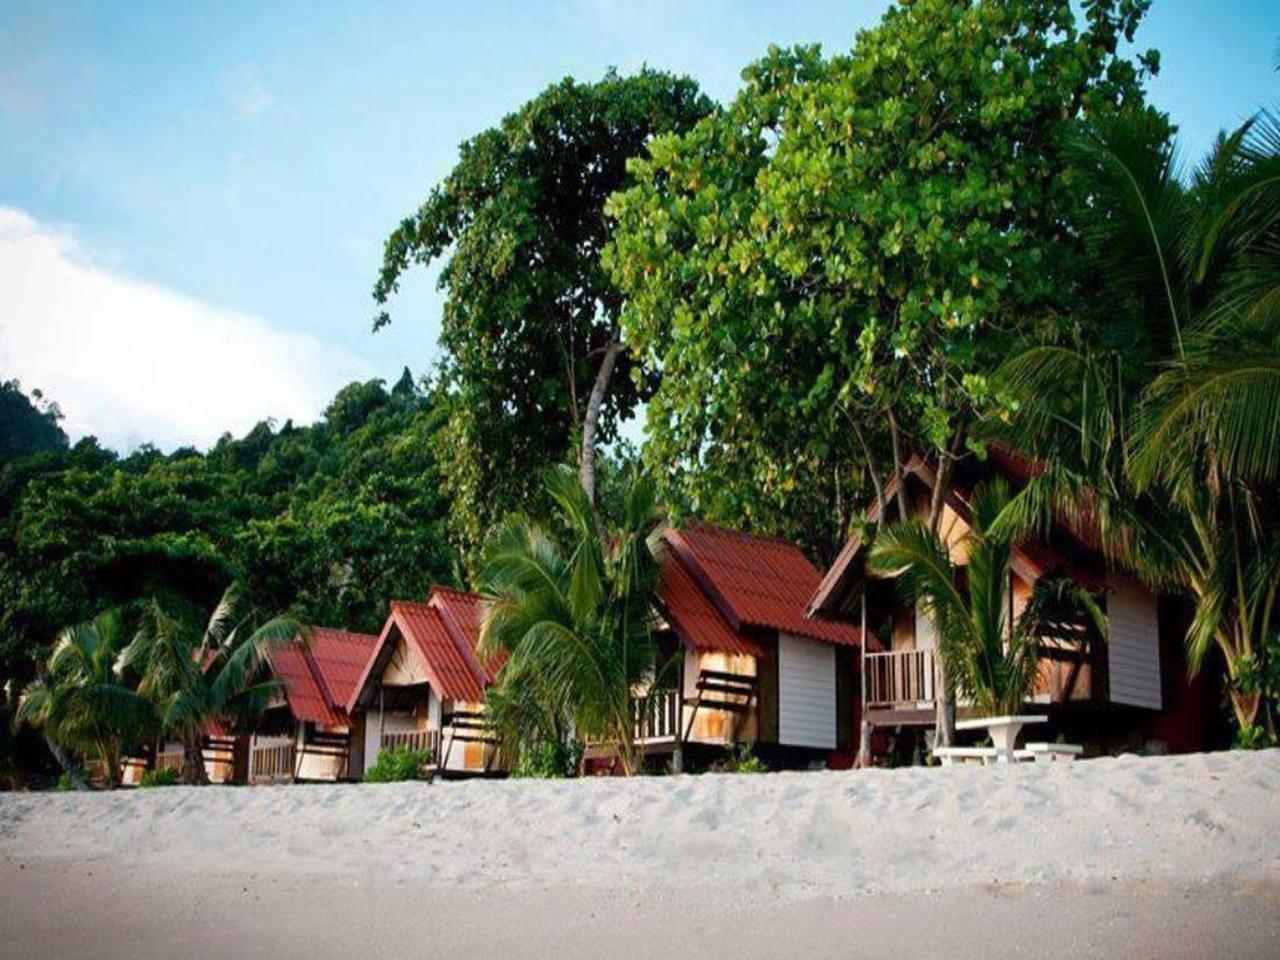 หาดทรายขาว รีสอร์ท  (White Sand Beach Resort)